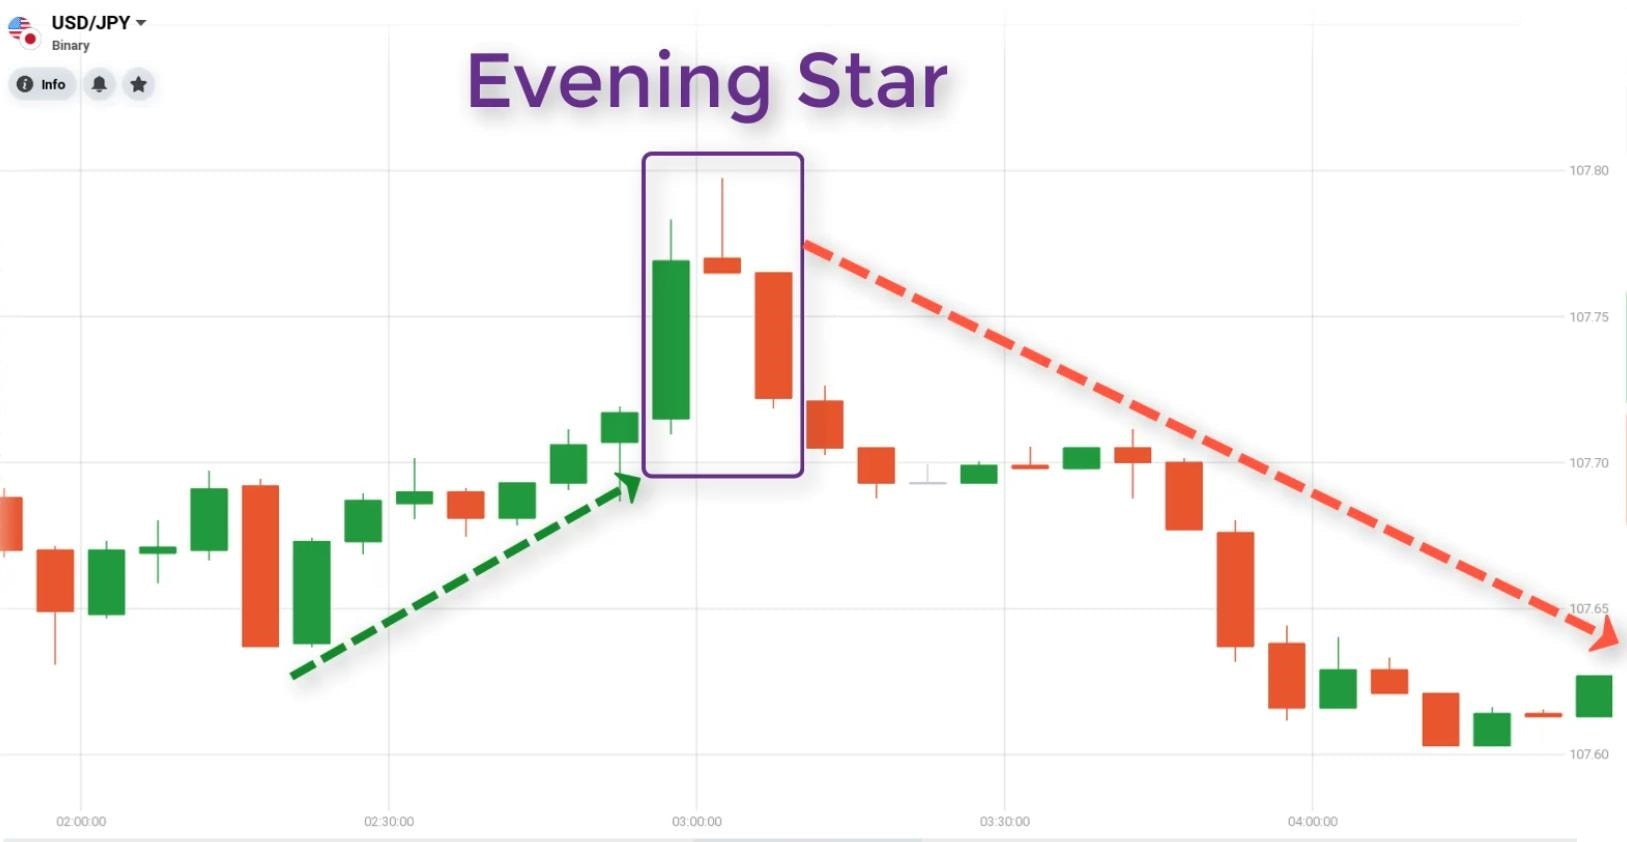 Mô hình nến Evening Star biến thể